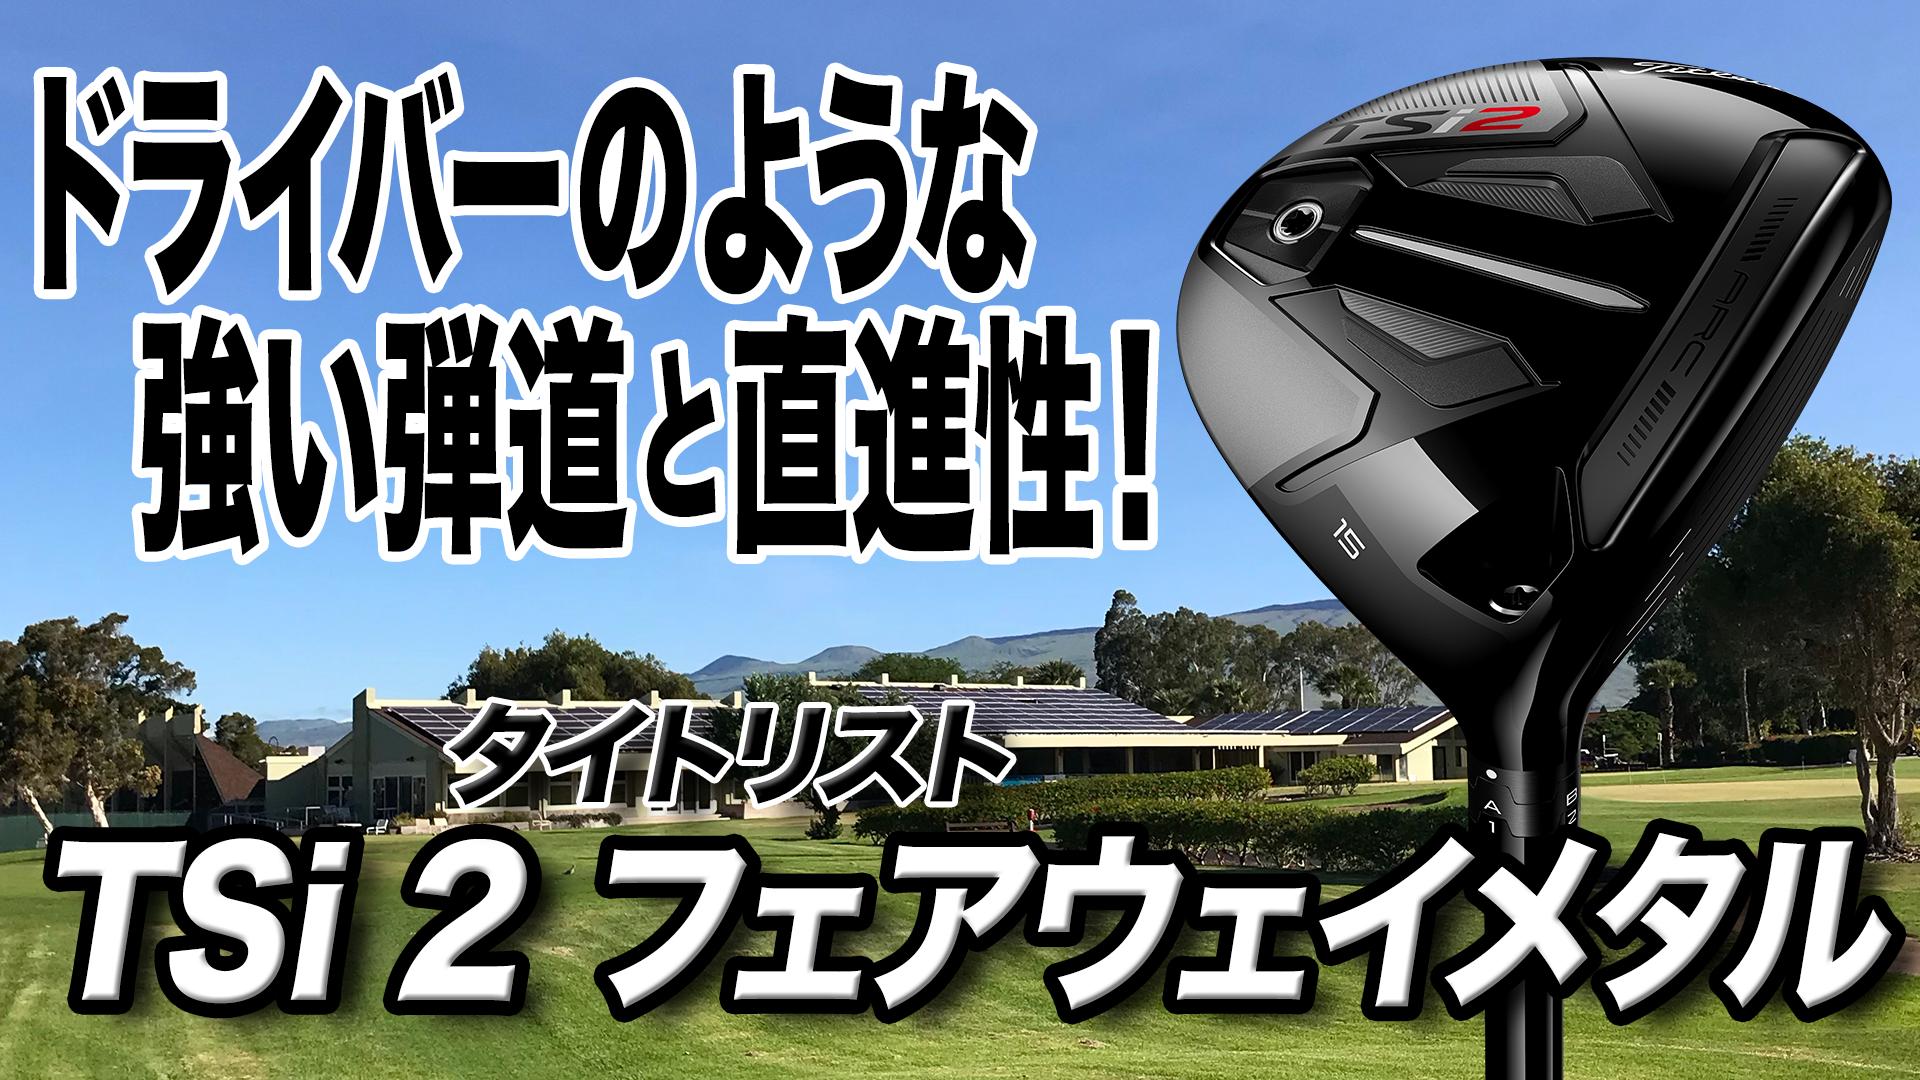 タイトリスト「TSi2 フェアウェイメタル」【レビュー企画】